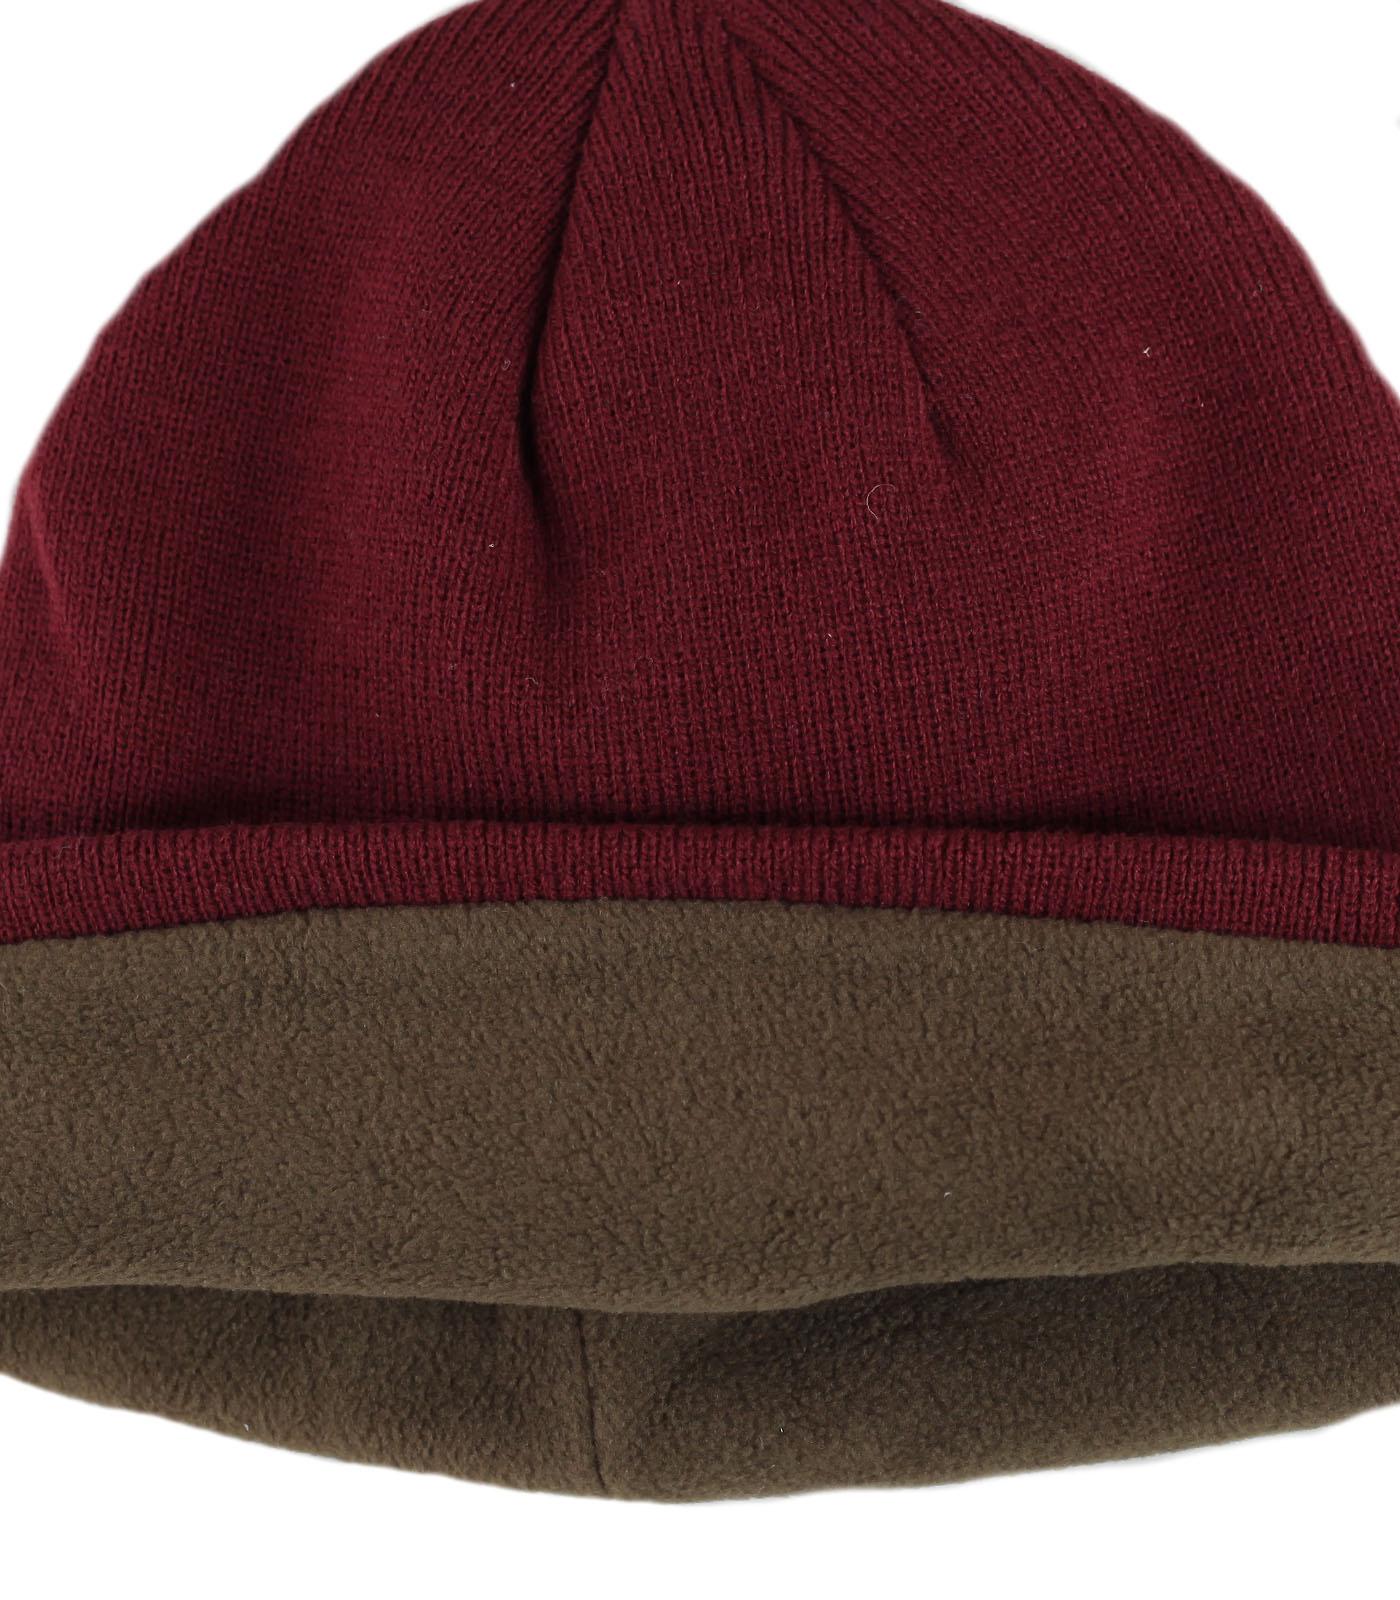 Купить стильную неприхотливую зимнюю мужскую шапку бини молодежный аксессуар по лучшей цене